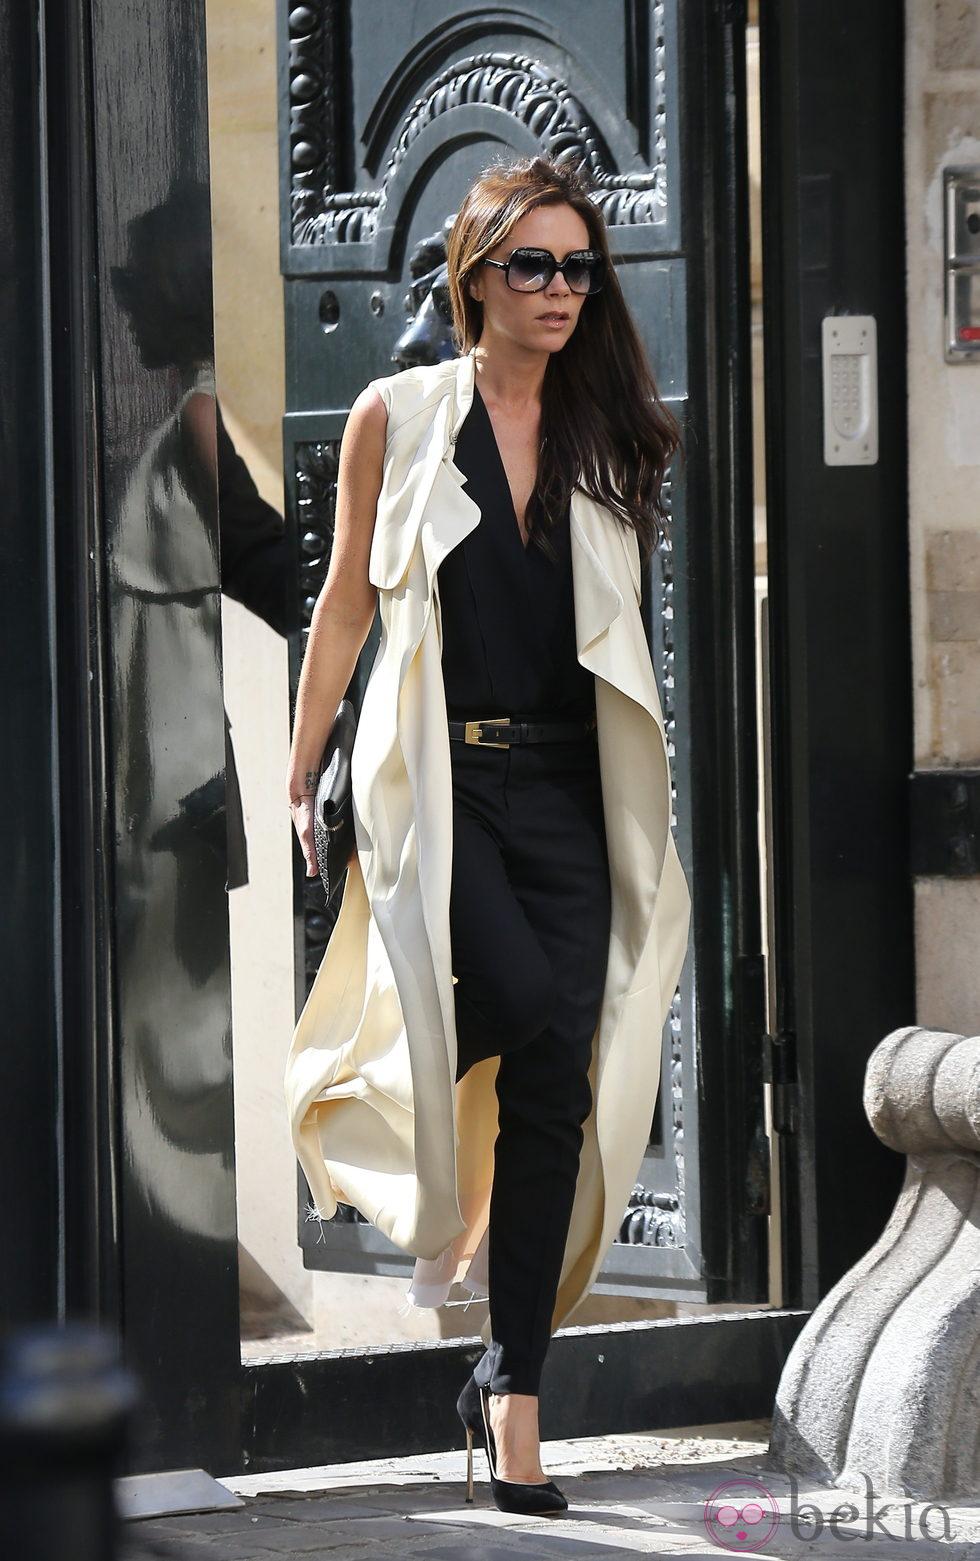 Victoria Beckham en la Semana de la Moda de París primavera/verano 2014